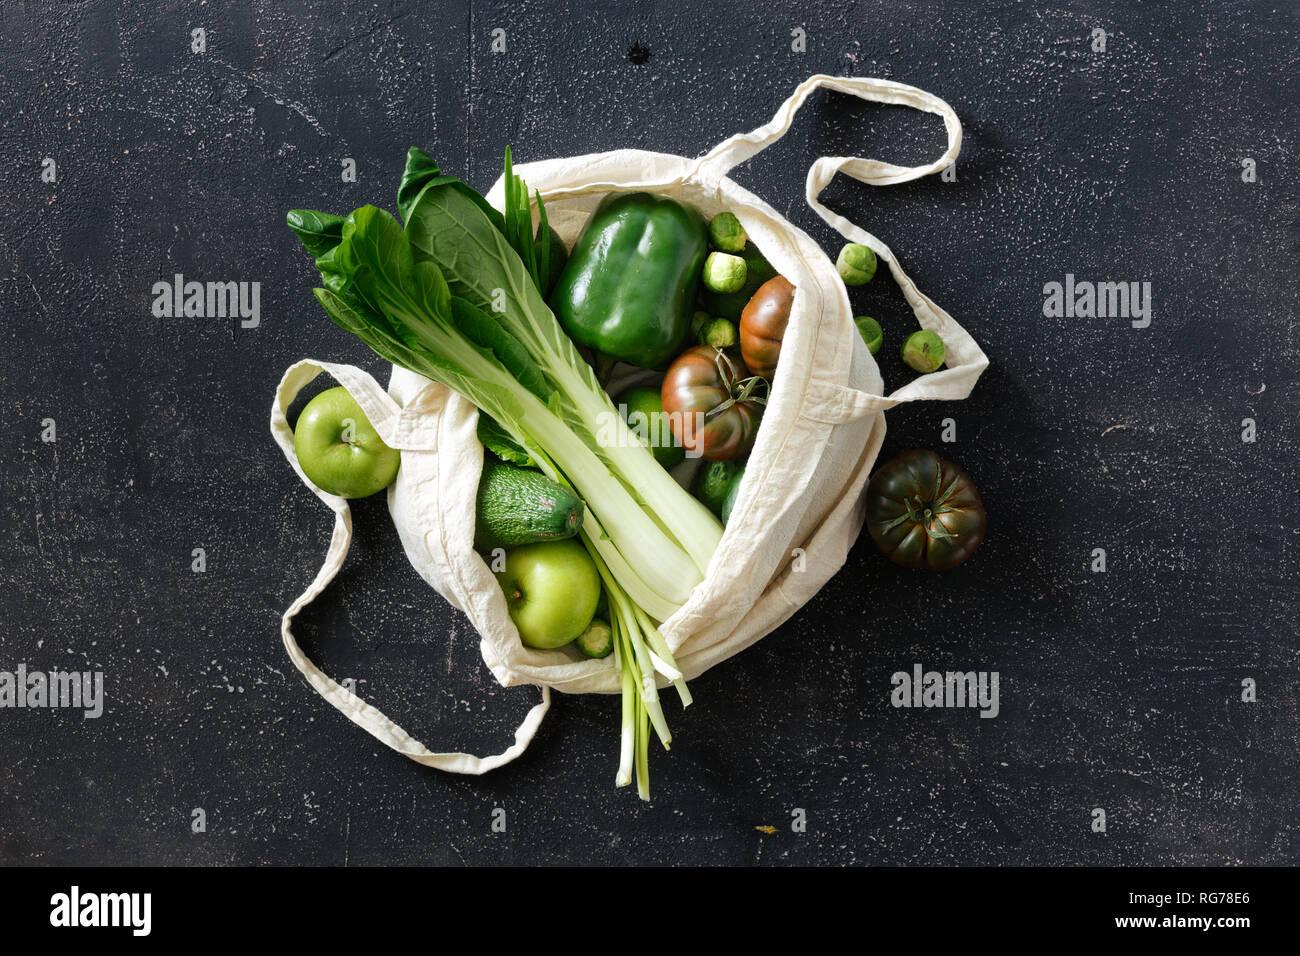 Los alimentos orgánicos frescos y frutas y verduras en tela